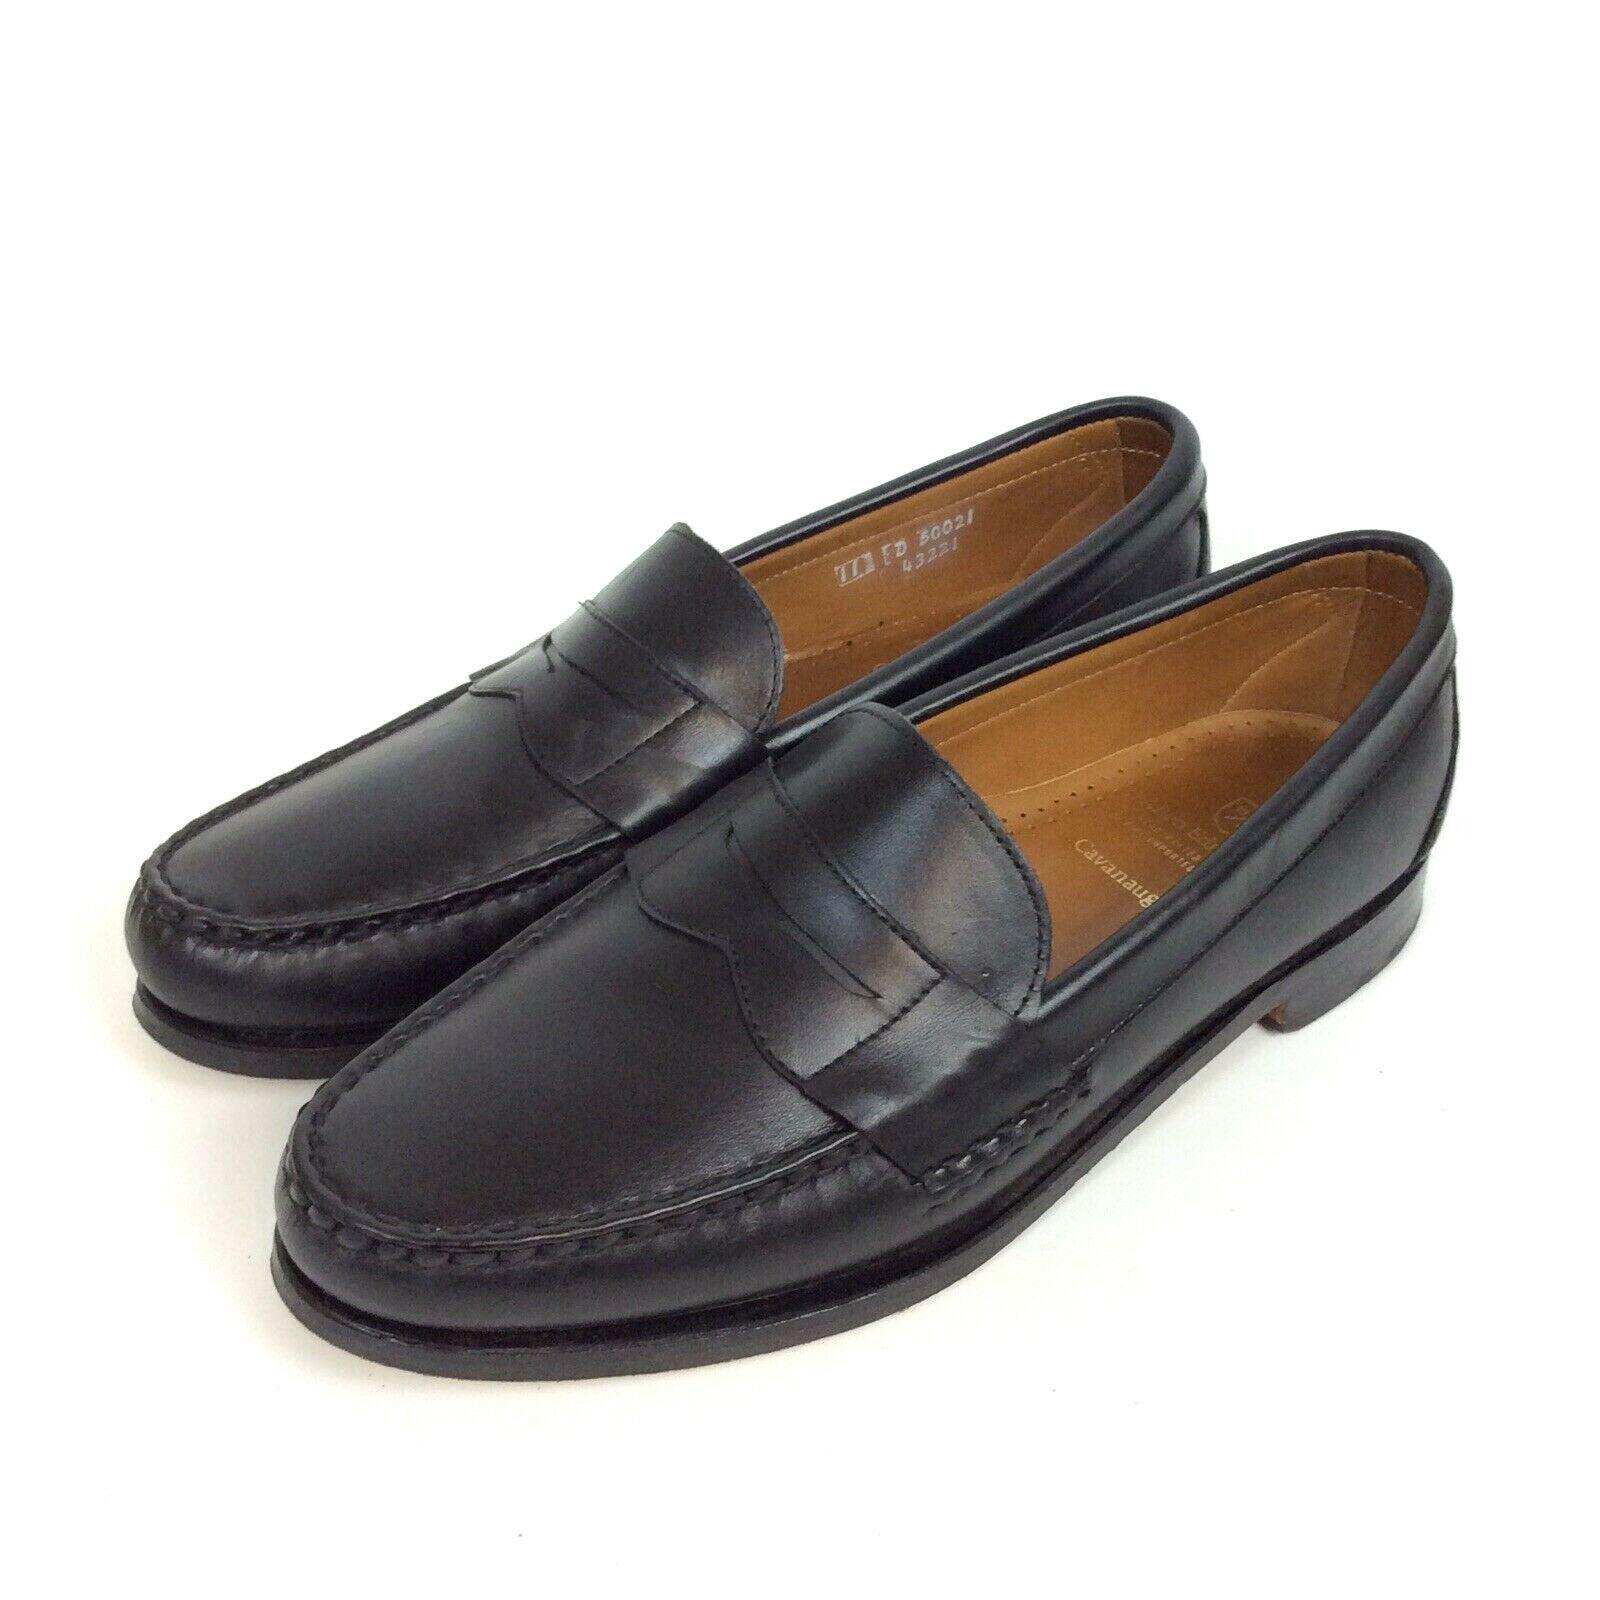 Allen Edmonds Cavanaugh Penny Mocassins Taille 11 D en cuir noir   Chaussures 50021 S